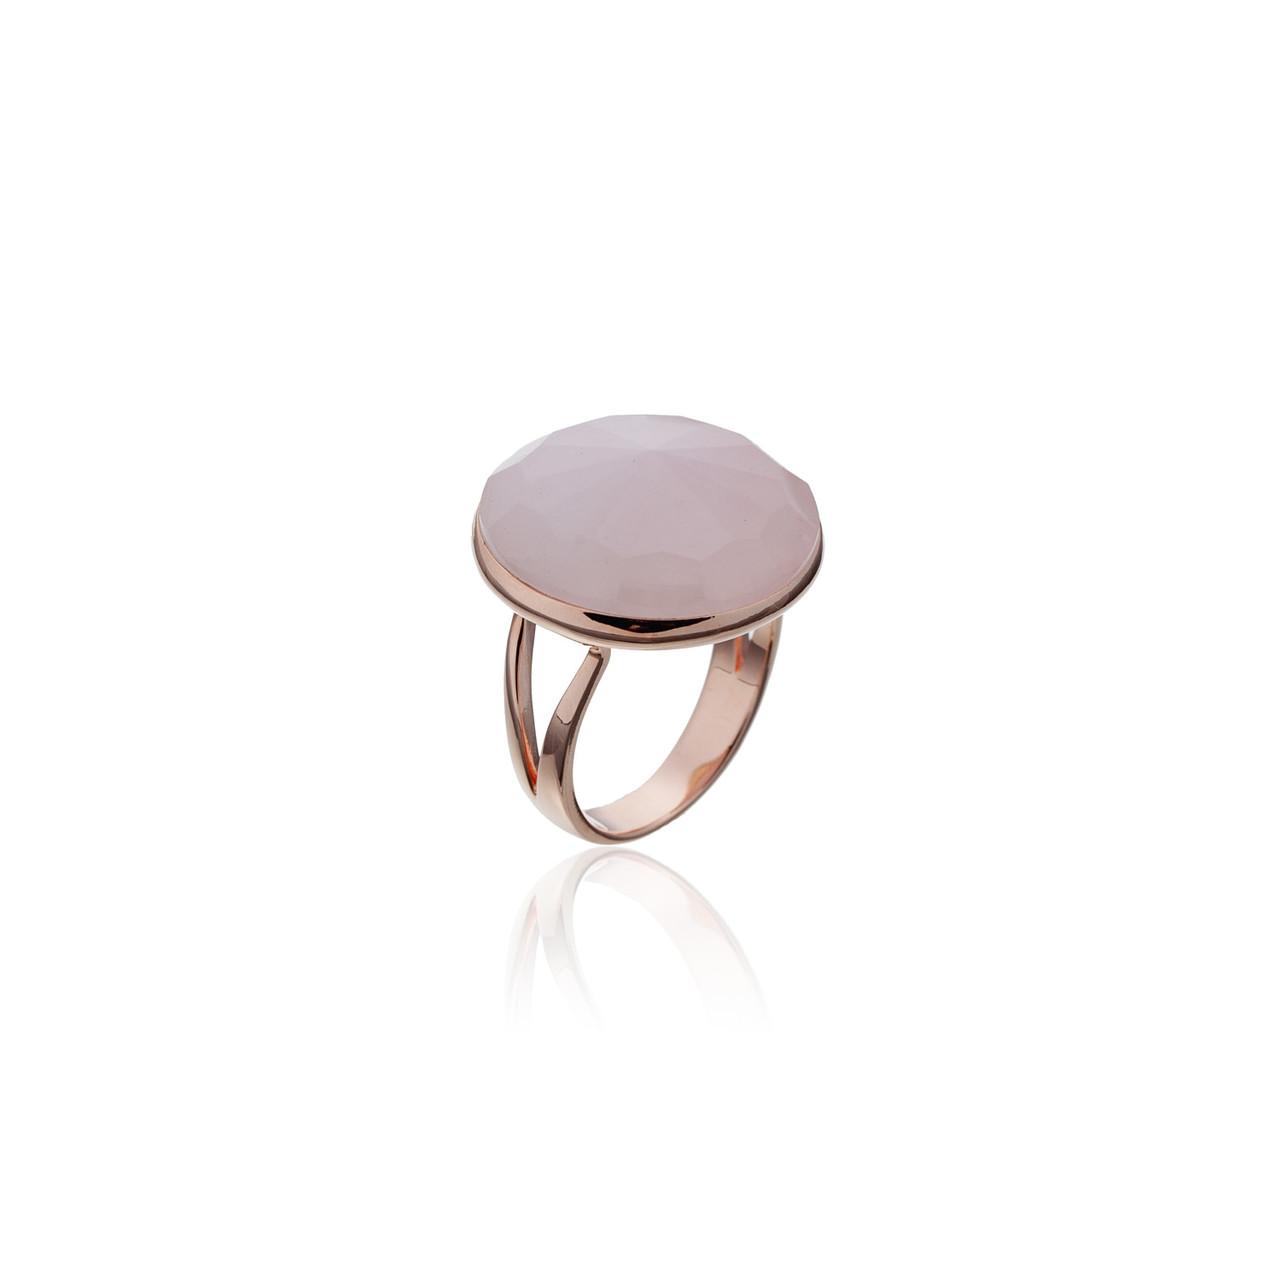 Серебряное кольцо с натуральными камнями Brosh Jewellery (Серебро 925) Золочение, вставка Розовый Кварц.